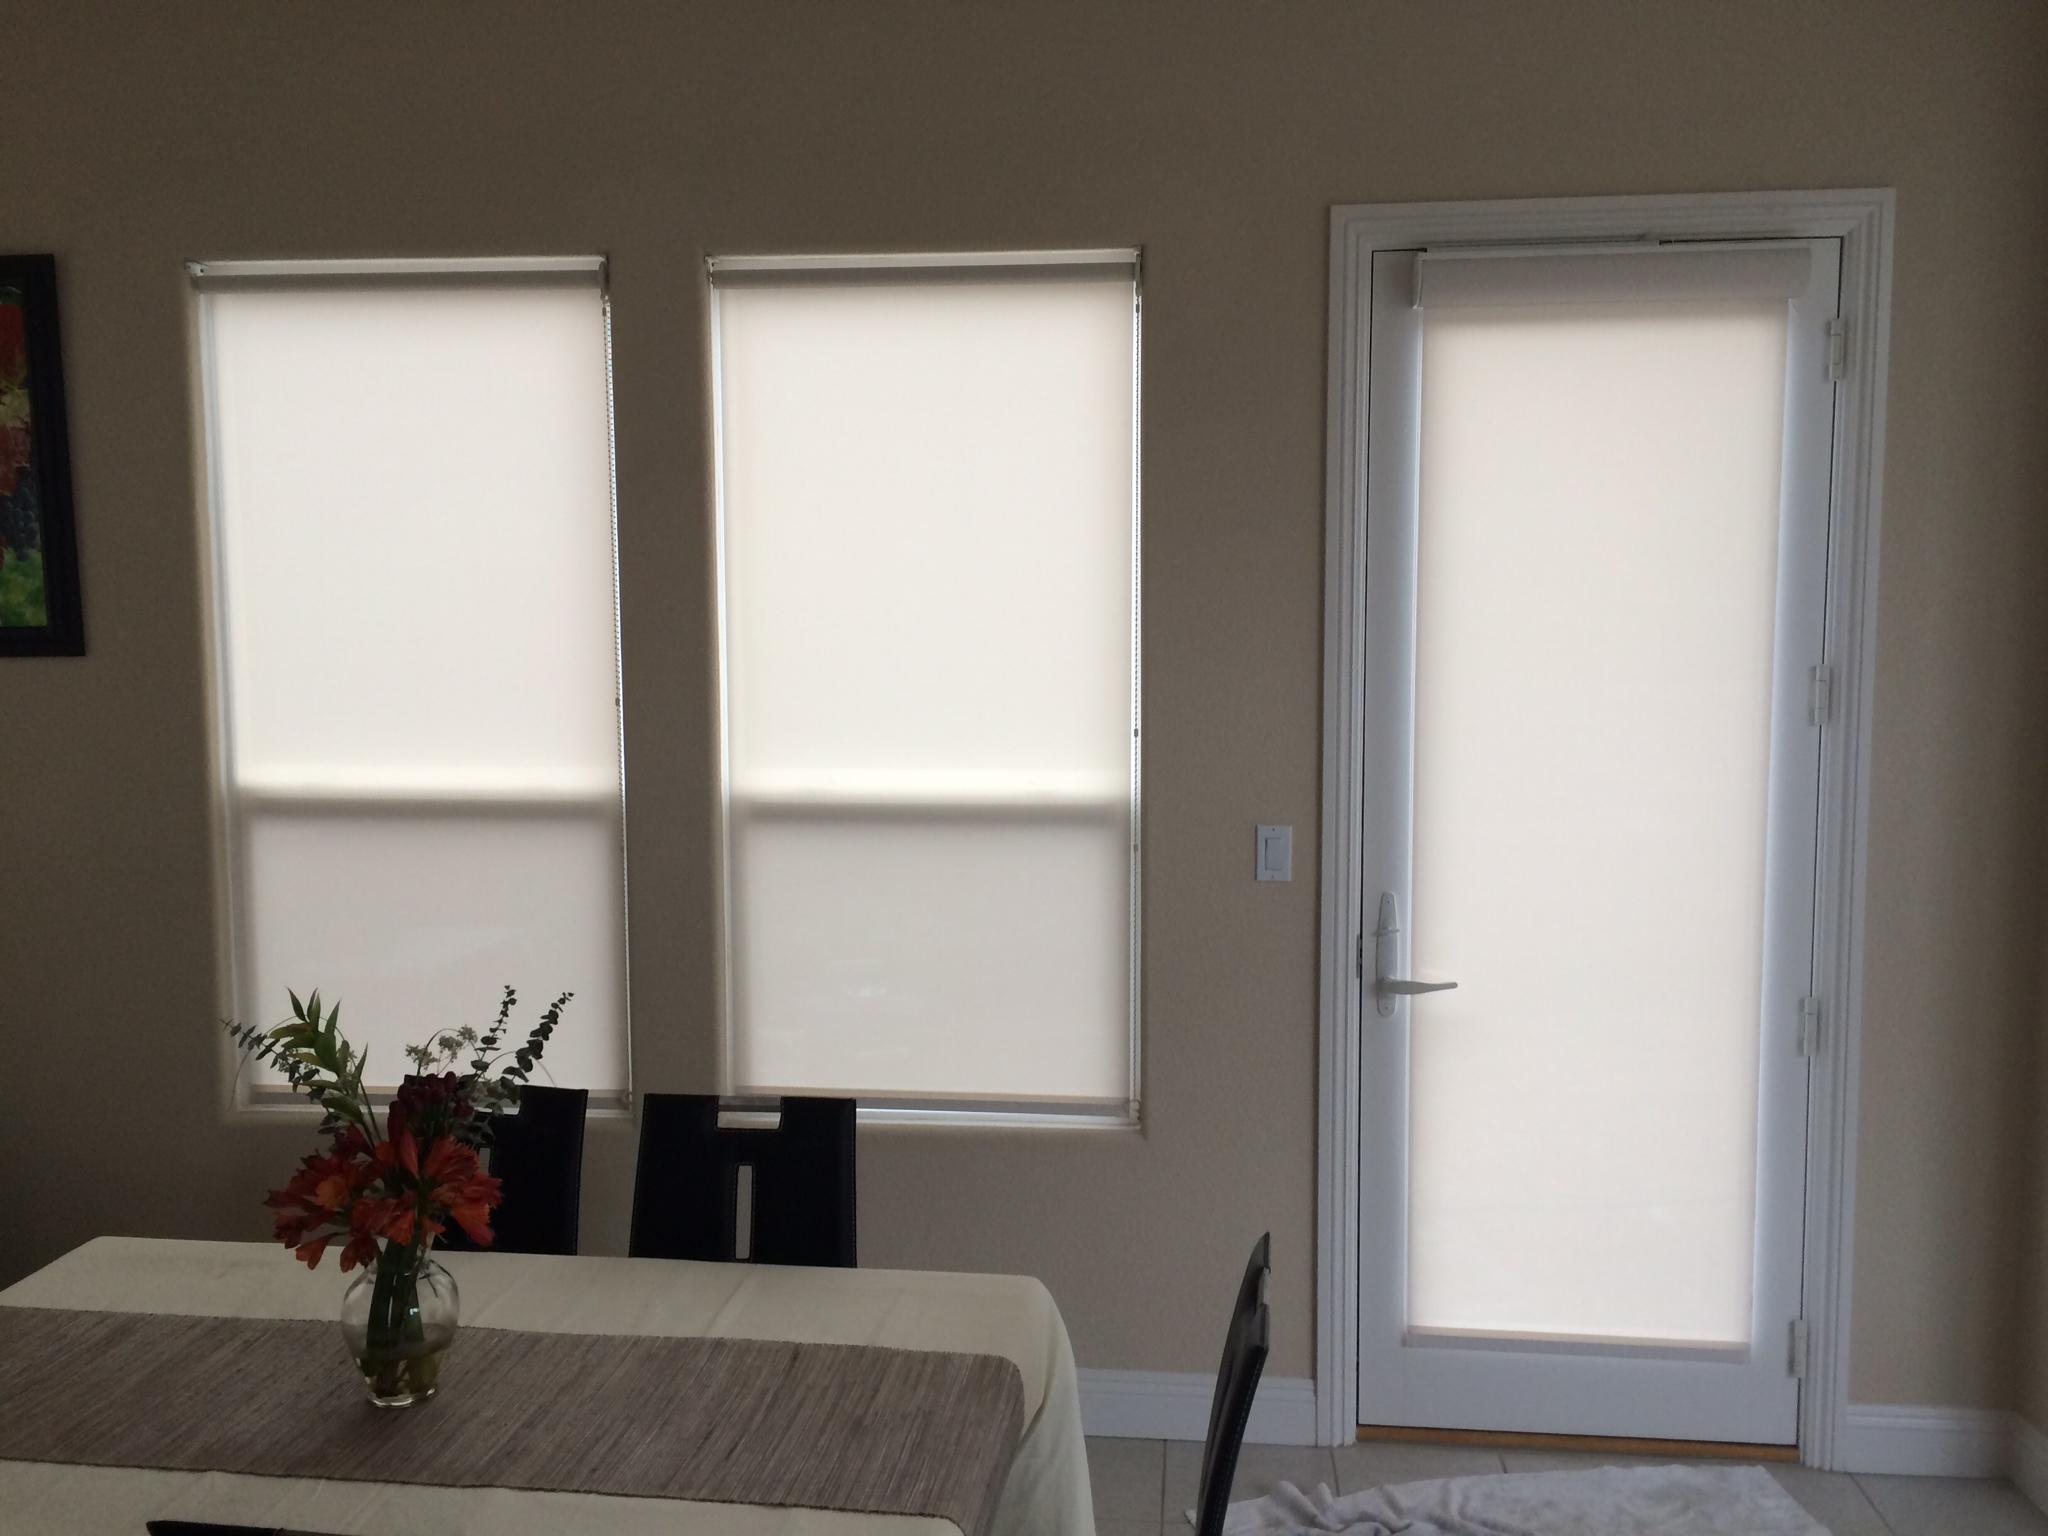 Interior / Exterior Roll Shades